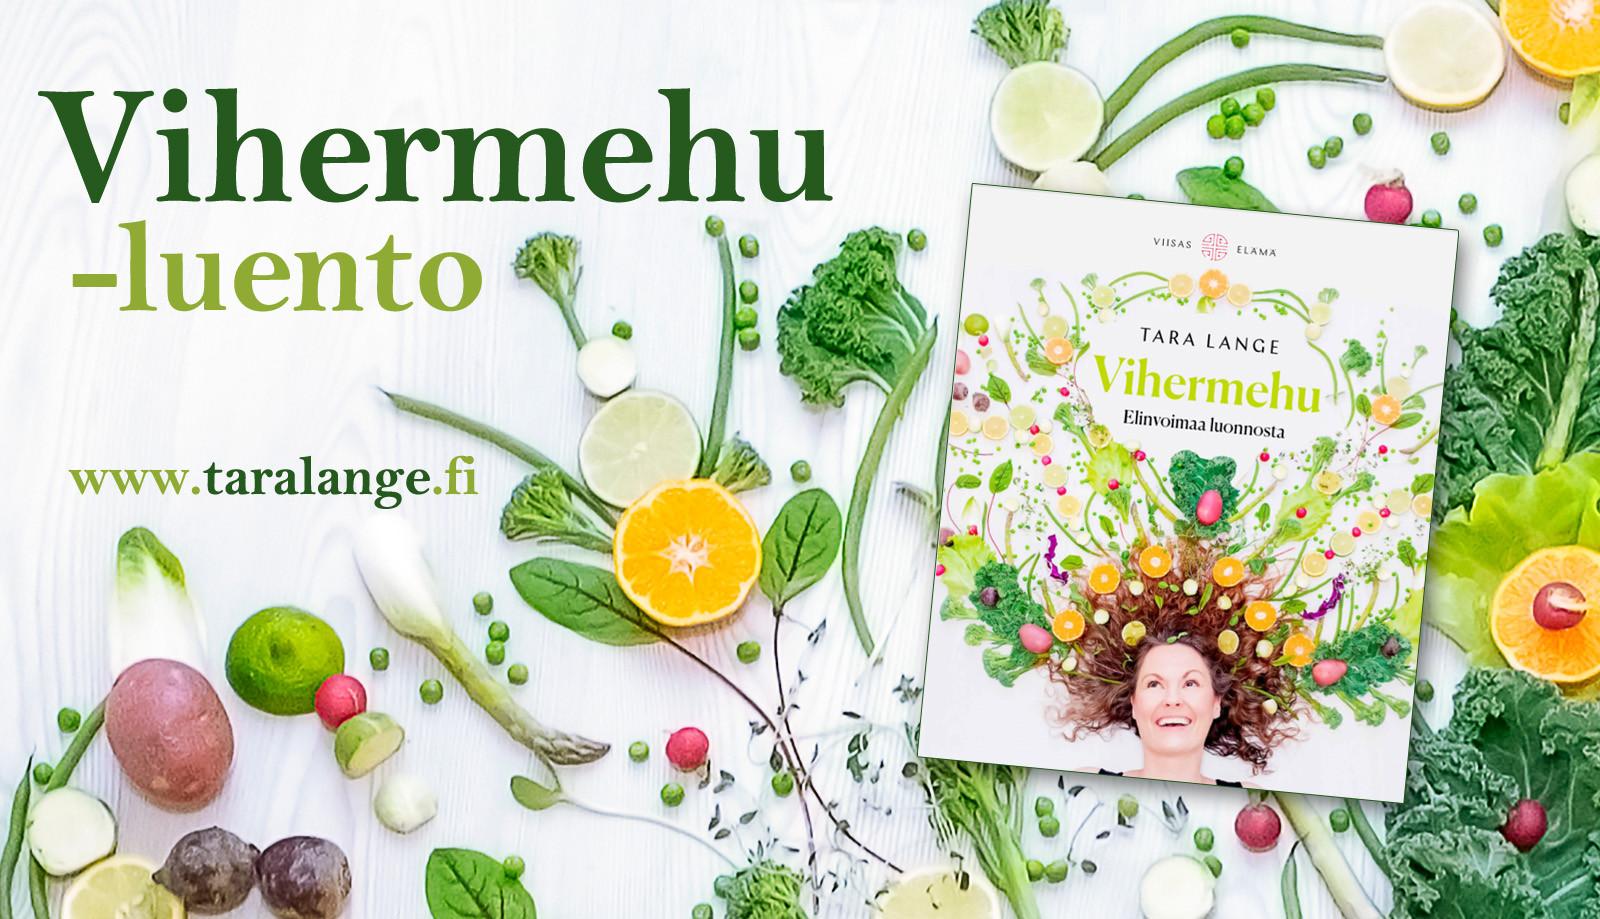 Tara-Lange-Vihermehu-luento2019.jpg